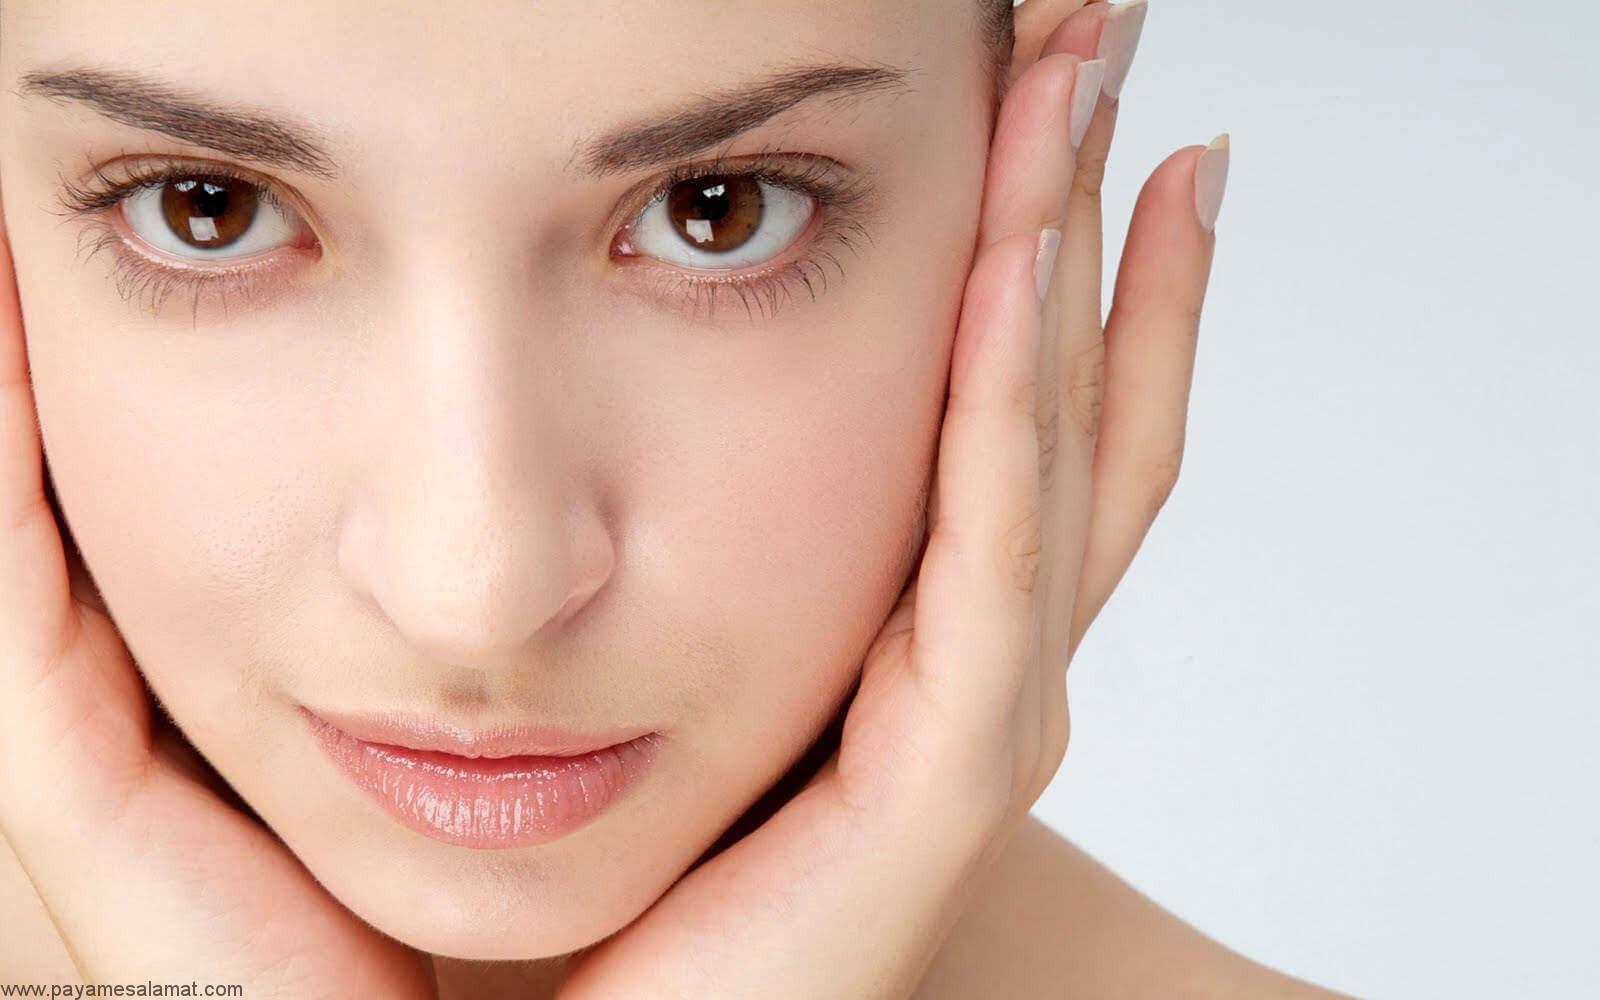 علت نازک شدن پوست چیست؟